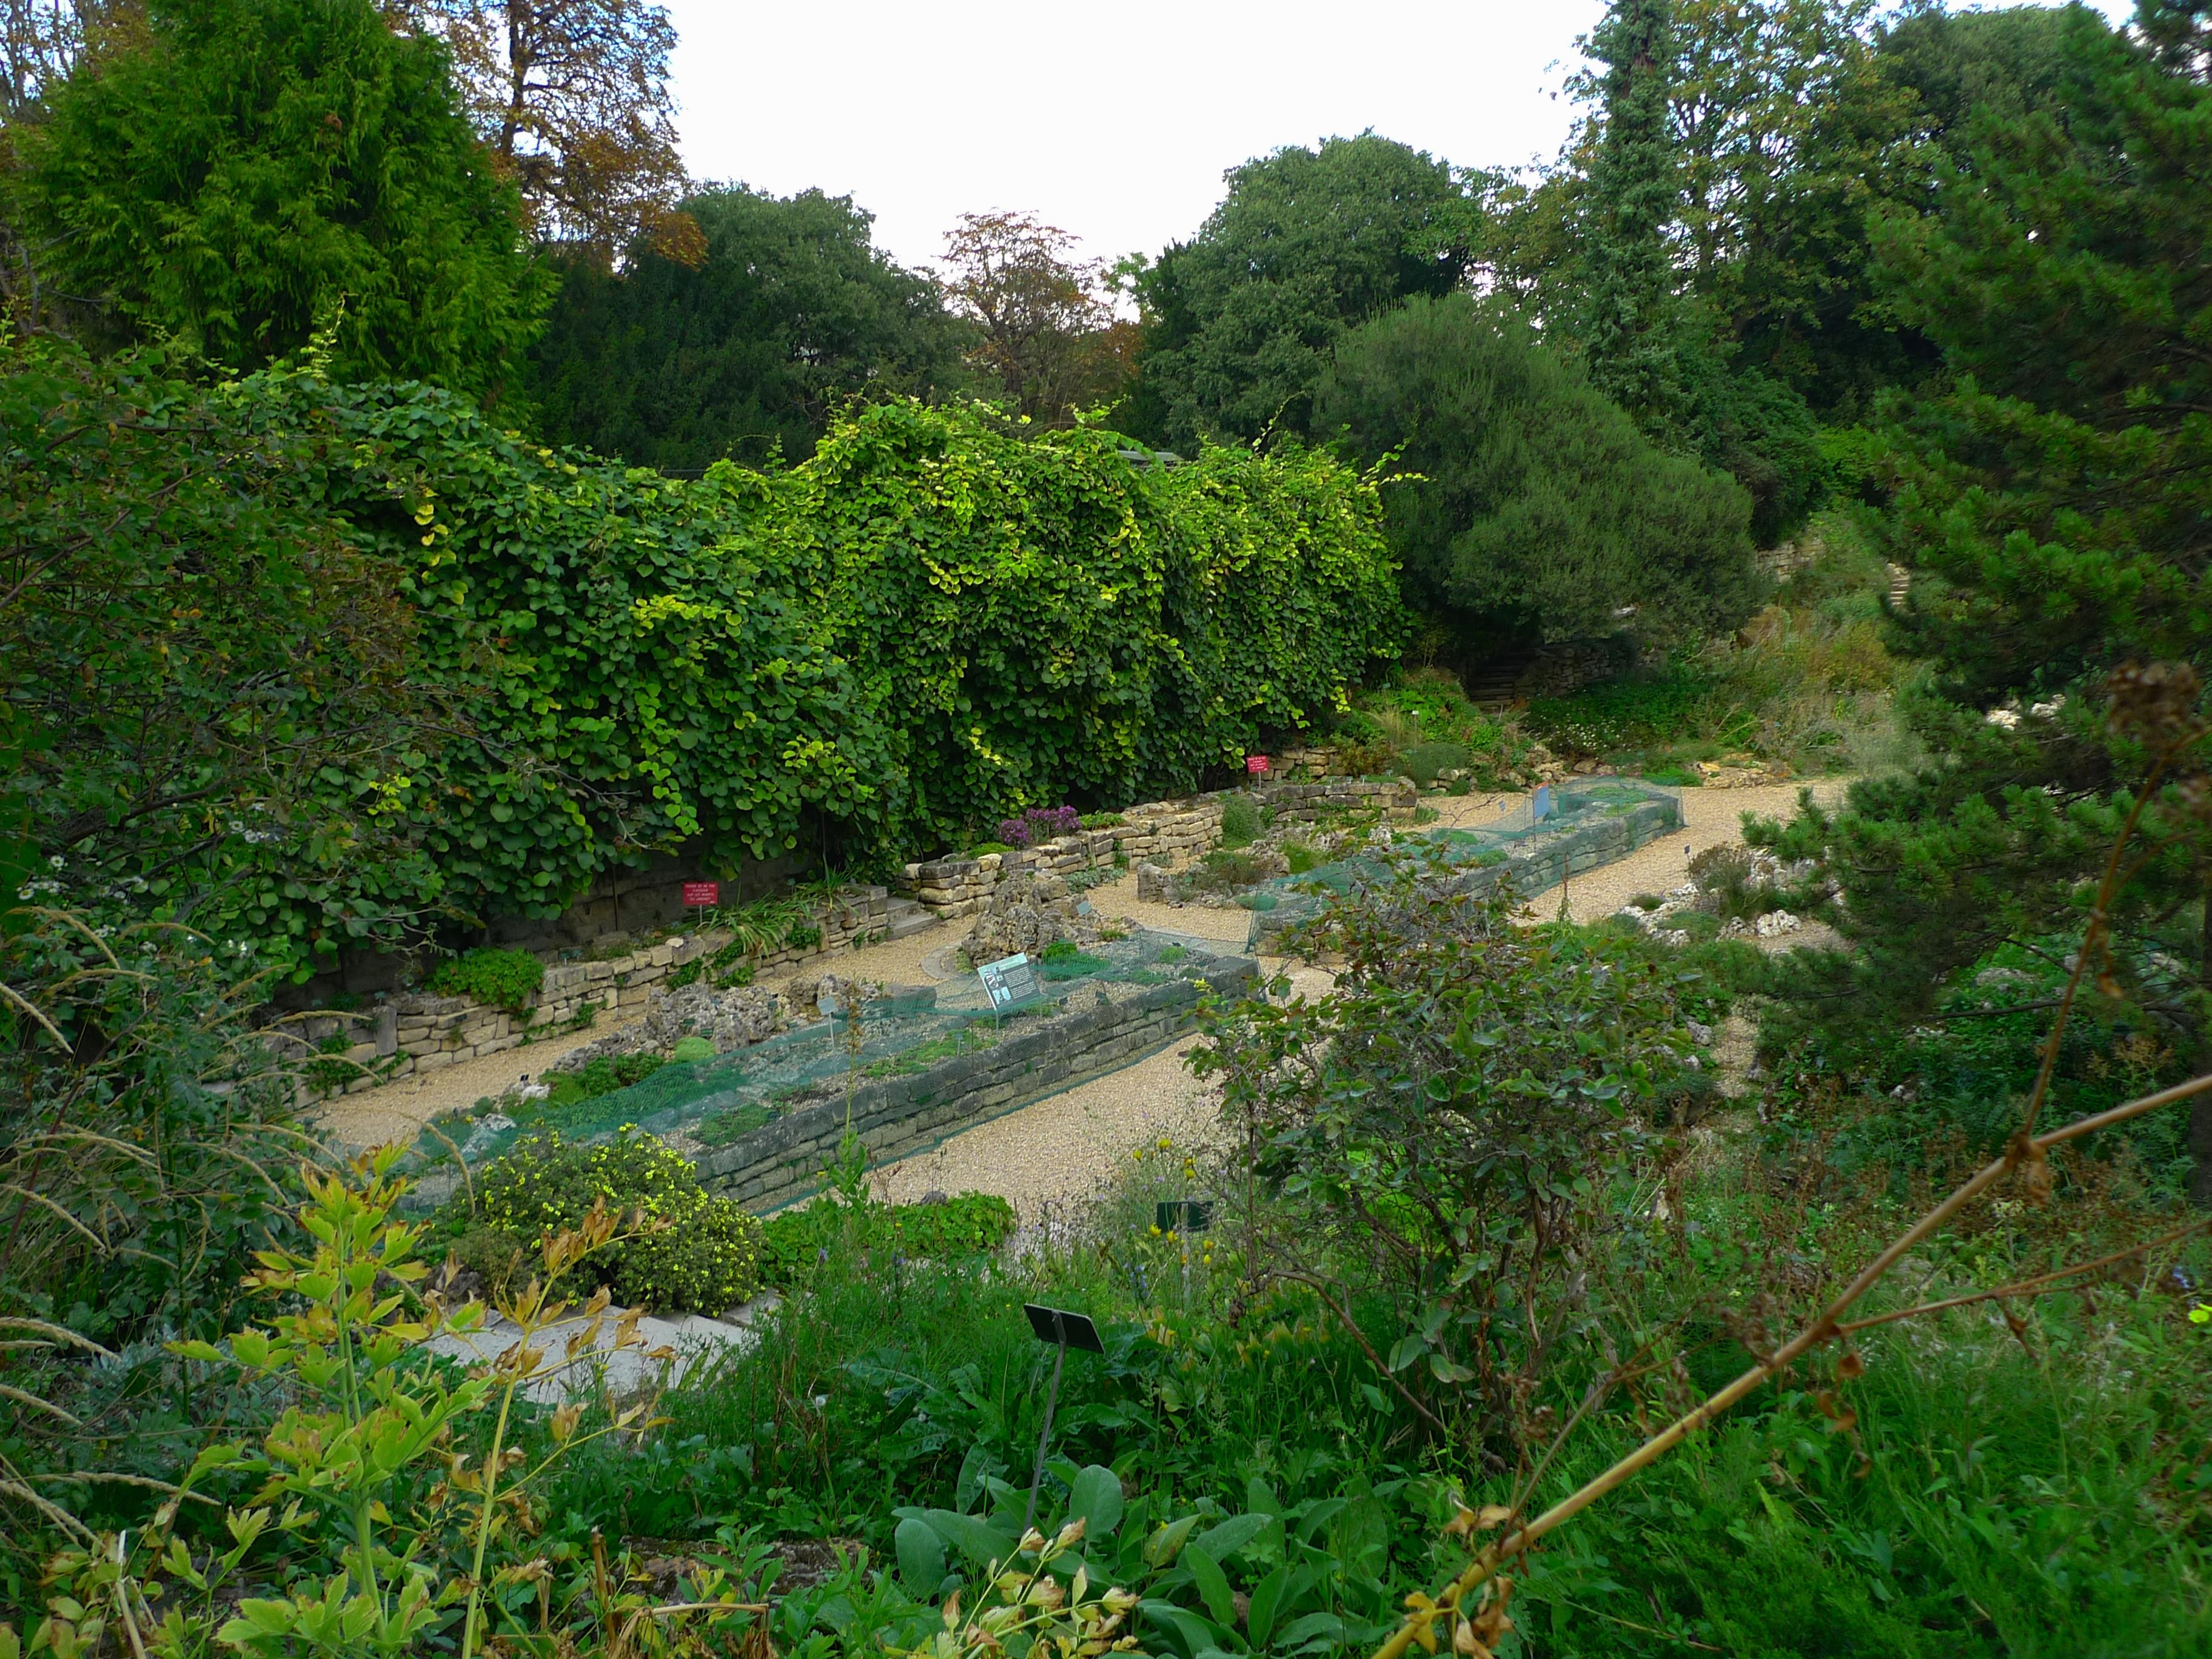 Le Jardin des Plantes and its Sounds